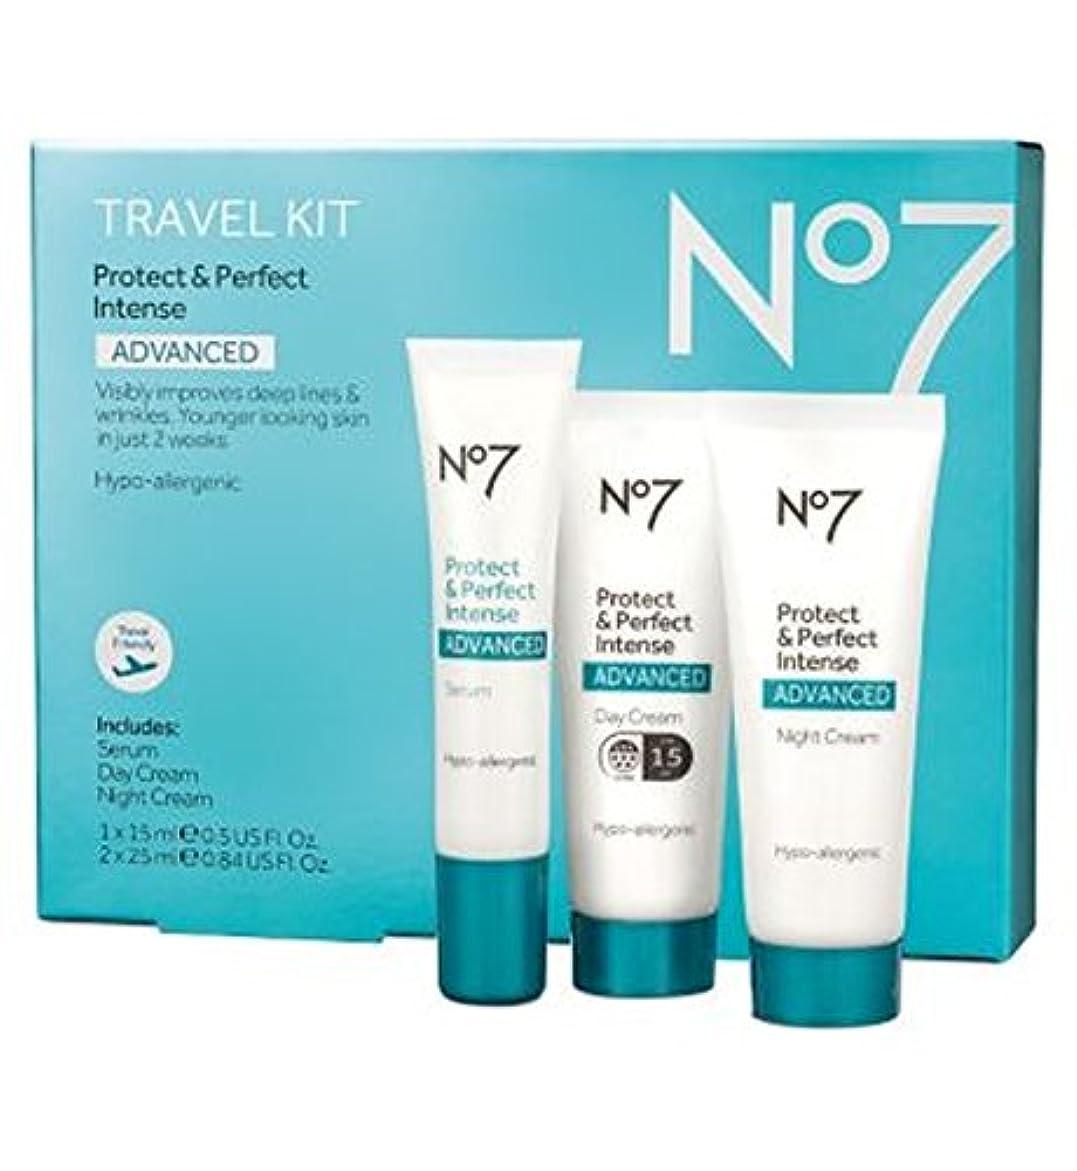 飢学習者場合No7保護&完璧な強烈な高度な旅行キット (No7) (x2) - No7 Protect & Perfect Intense ADVANCED Travel Kit (Pack of 2) [並行輸入品]